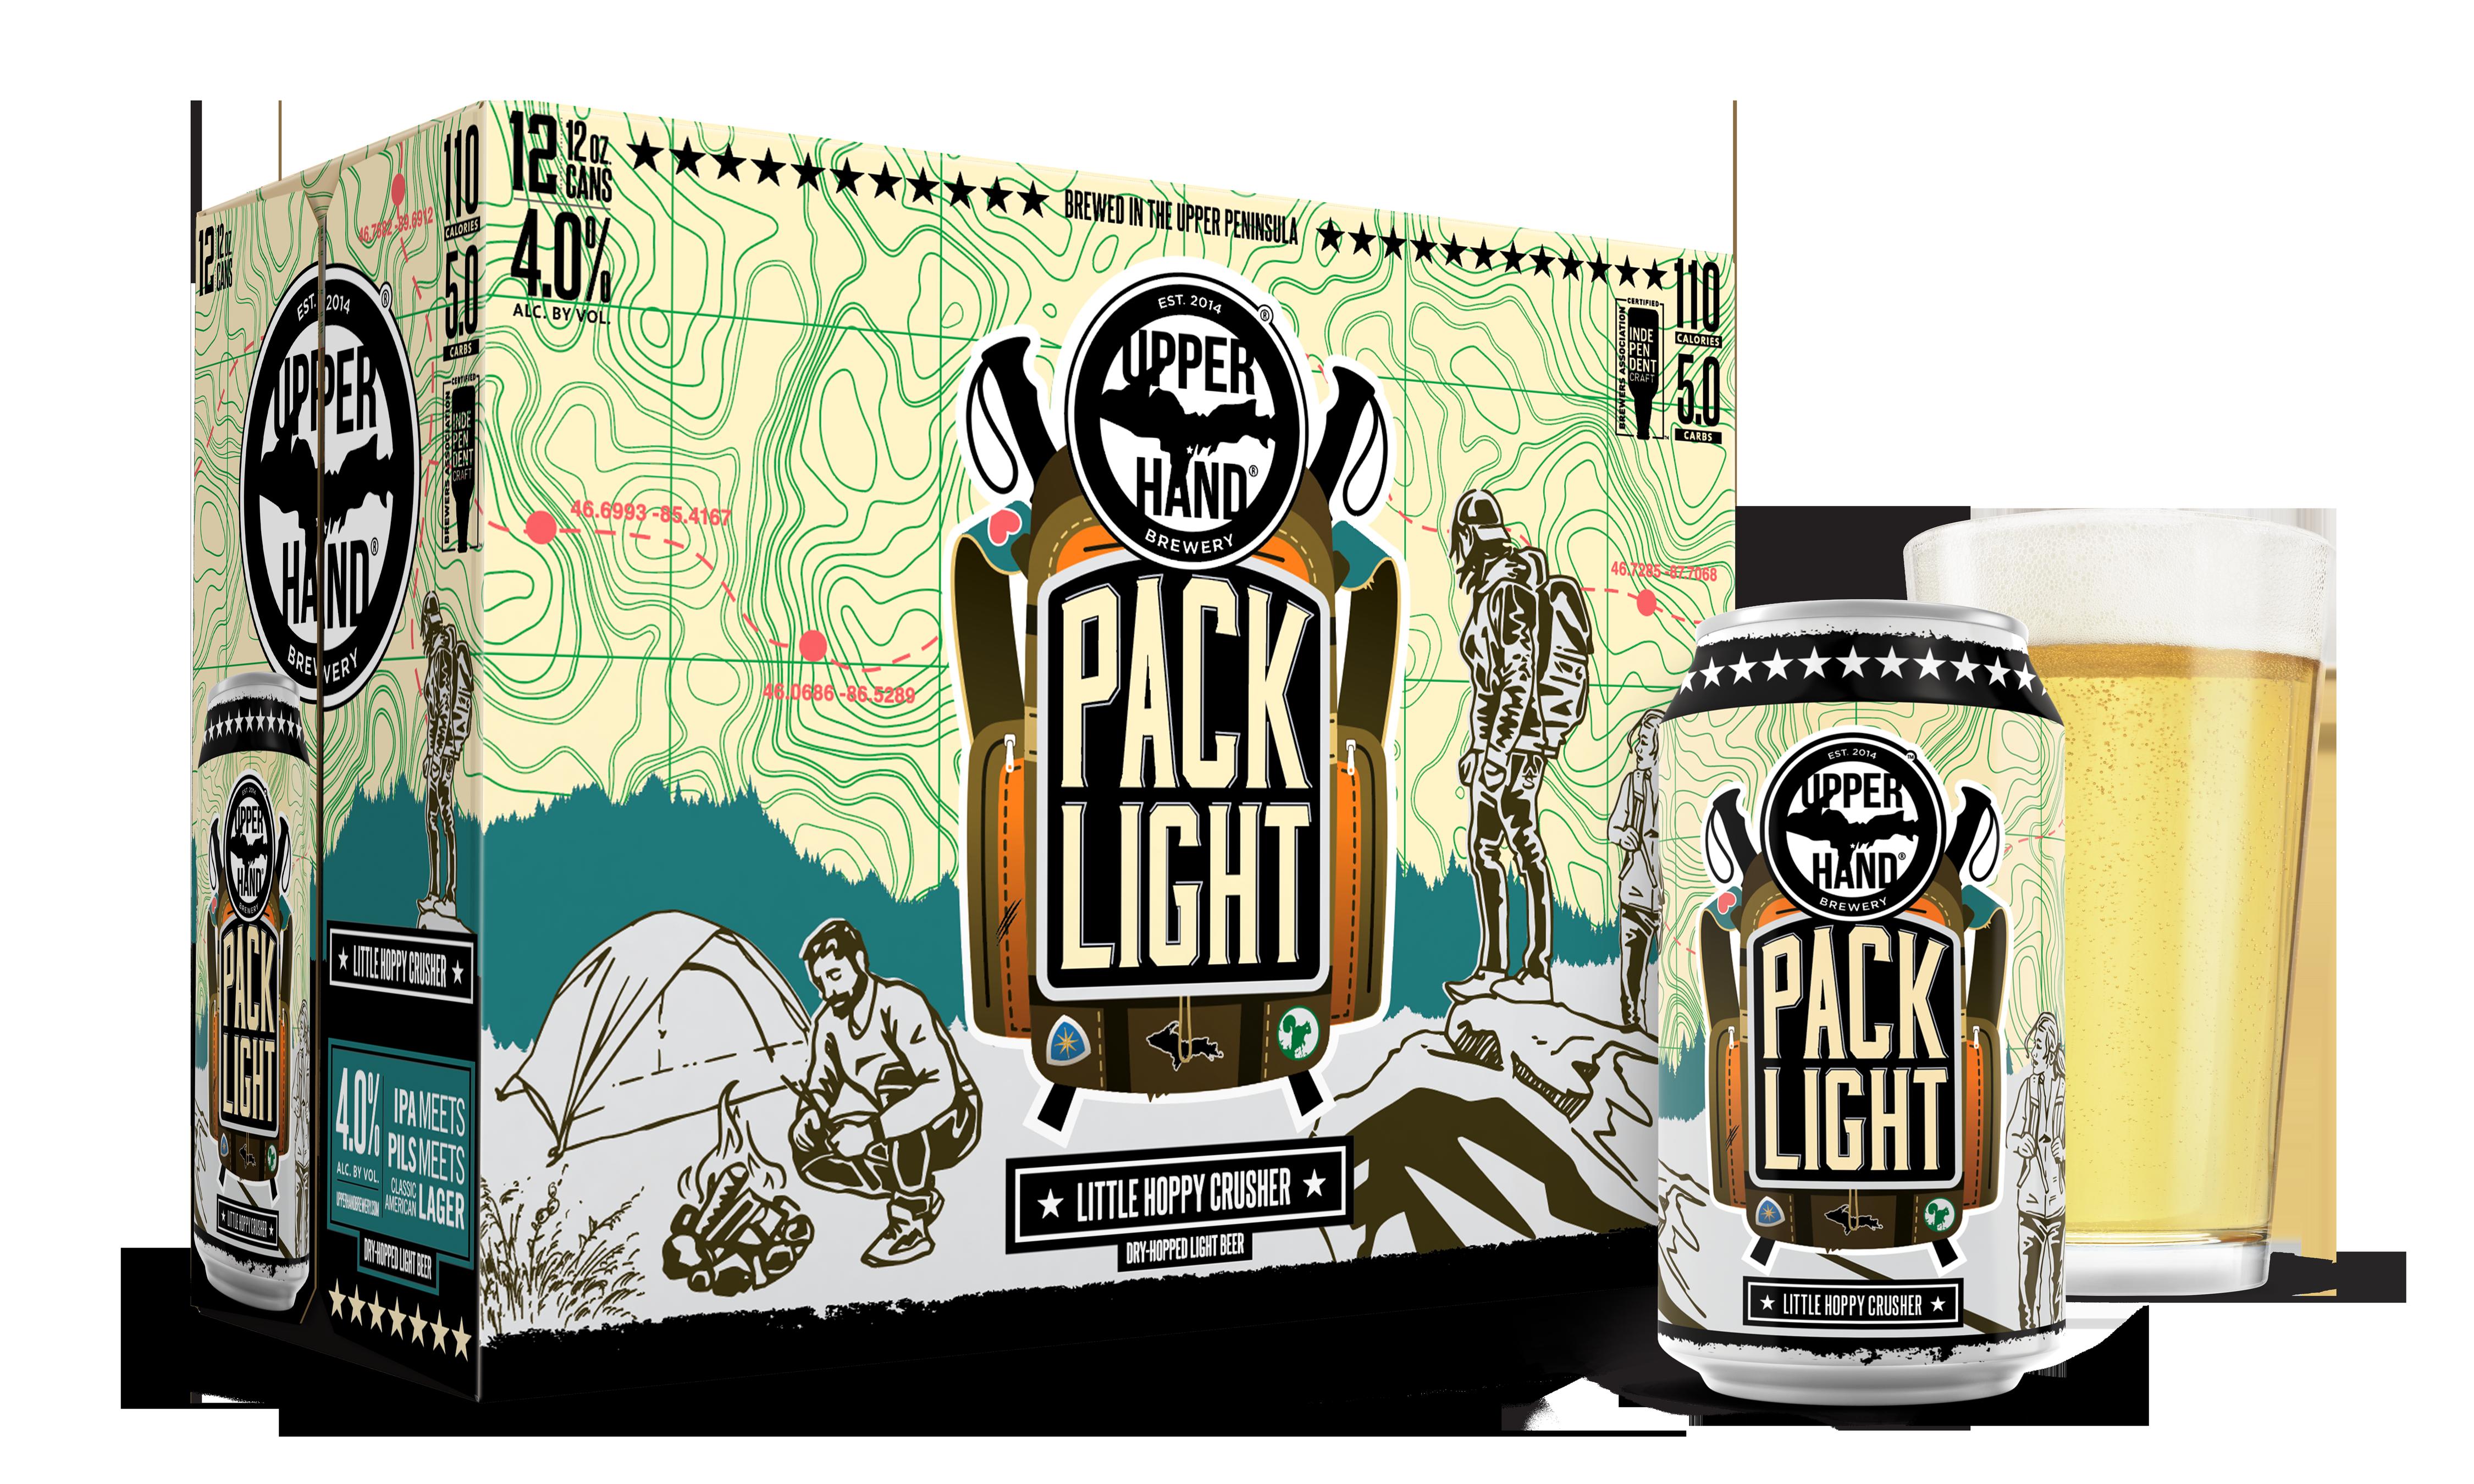 Pack Light Brand Rendering